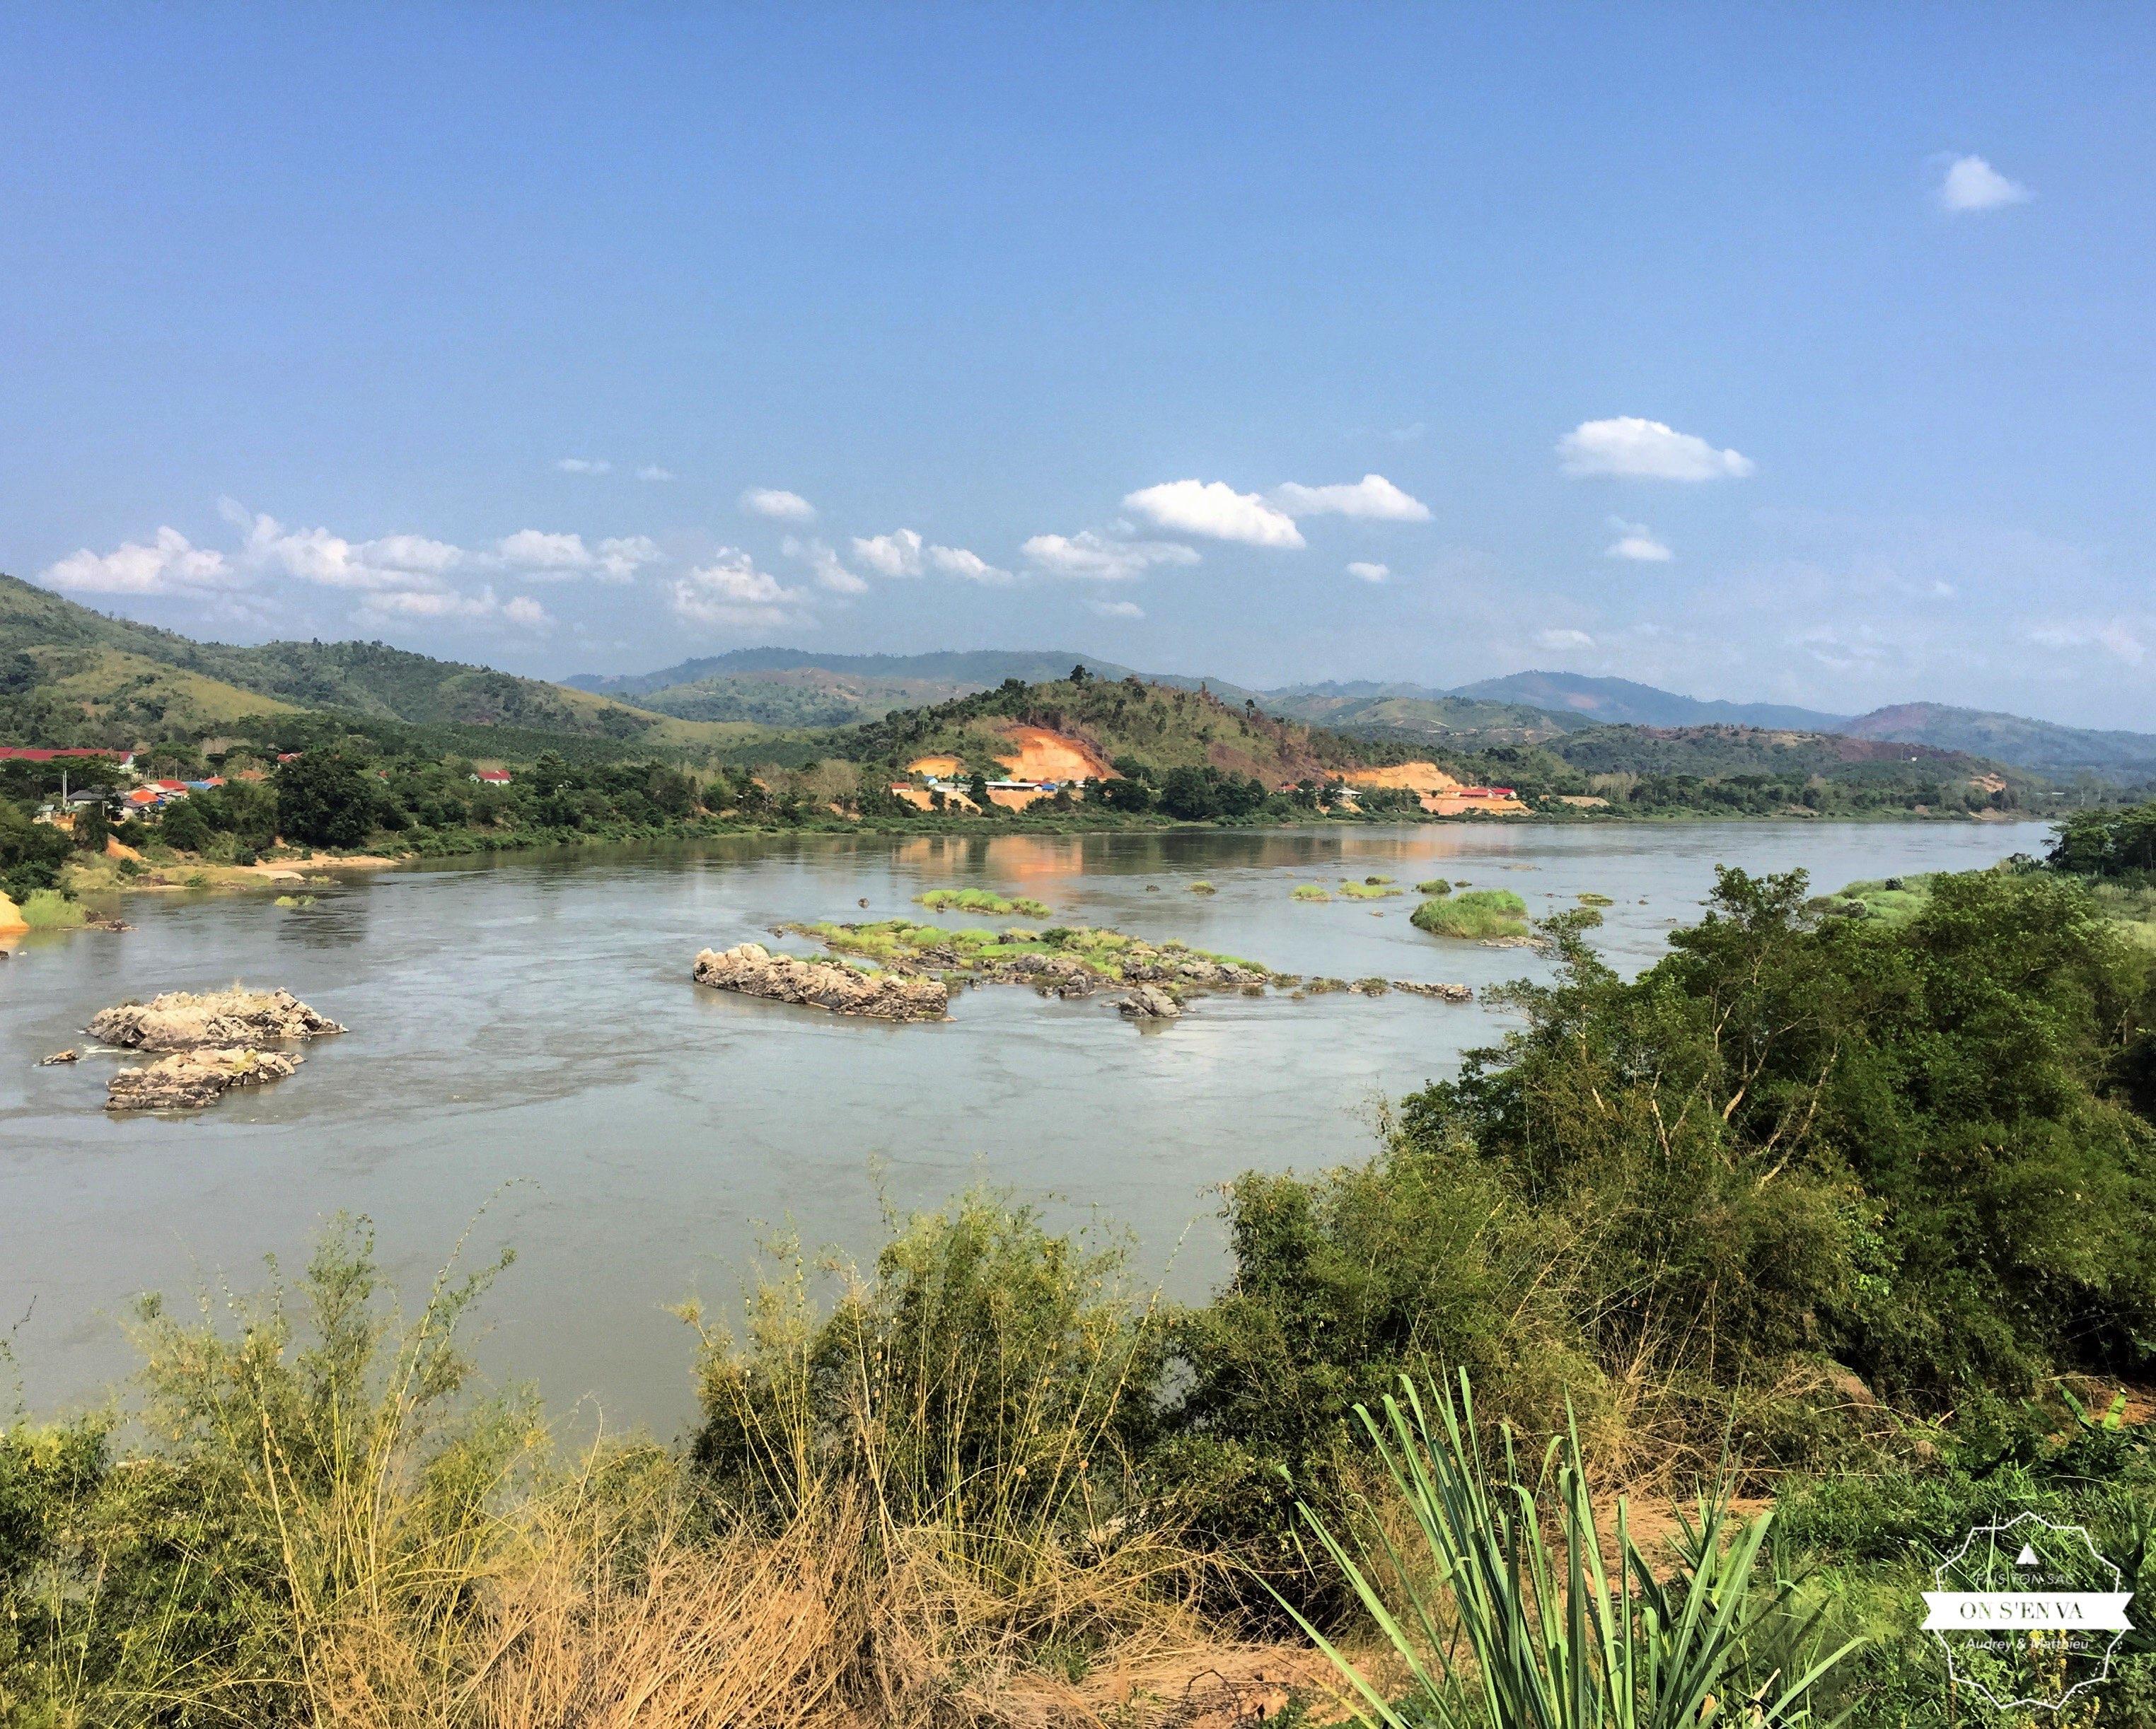 On continue à avancer face au Laos